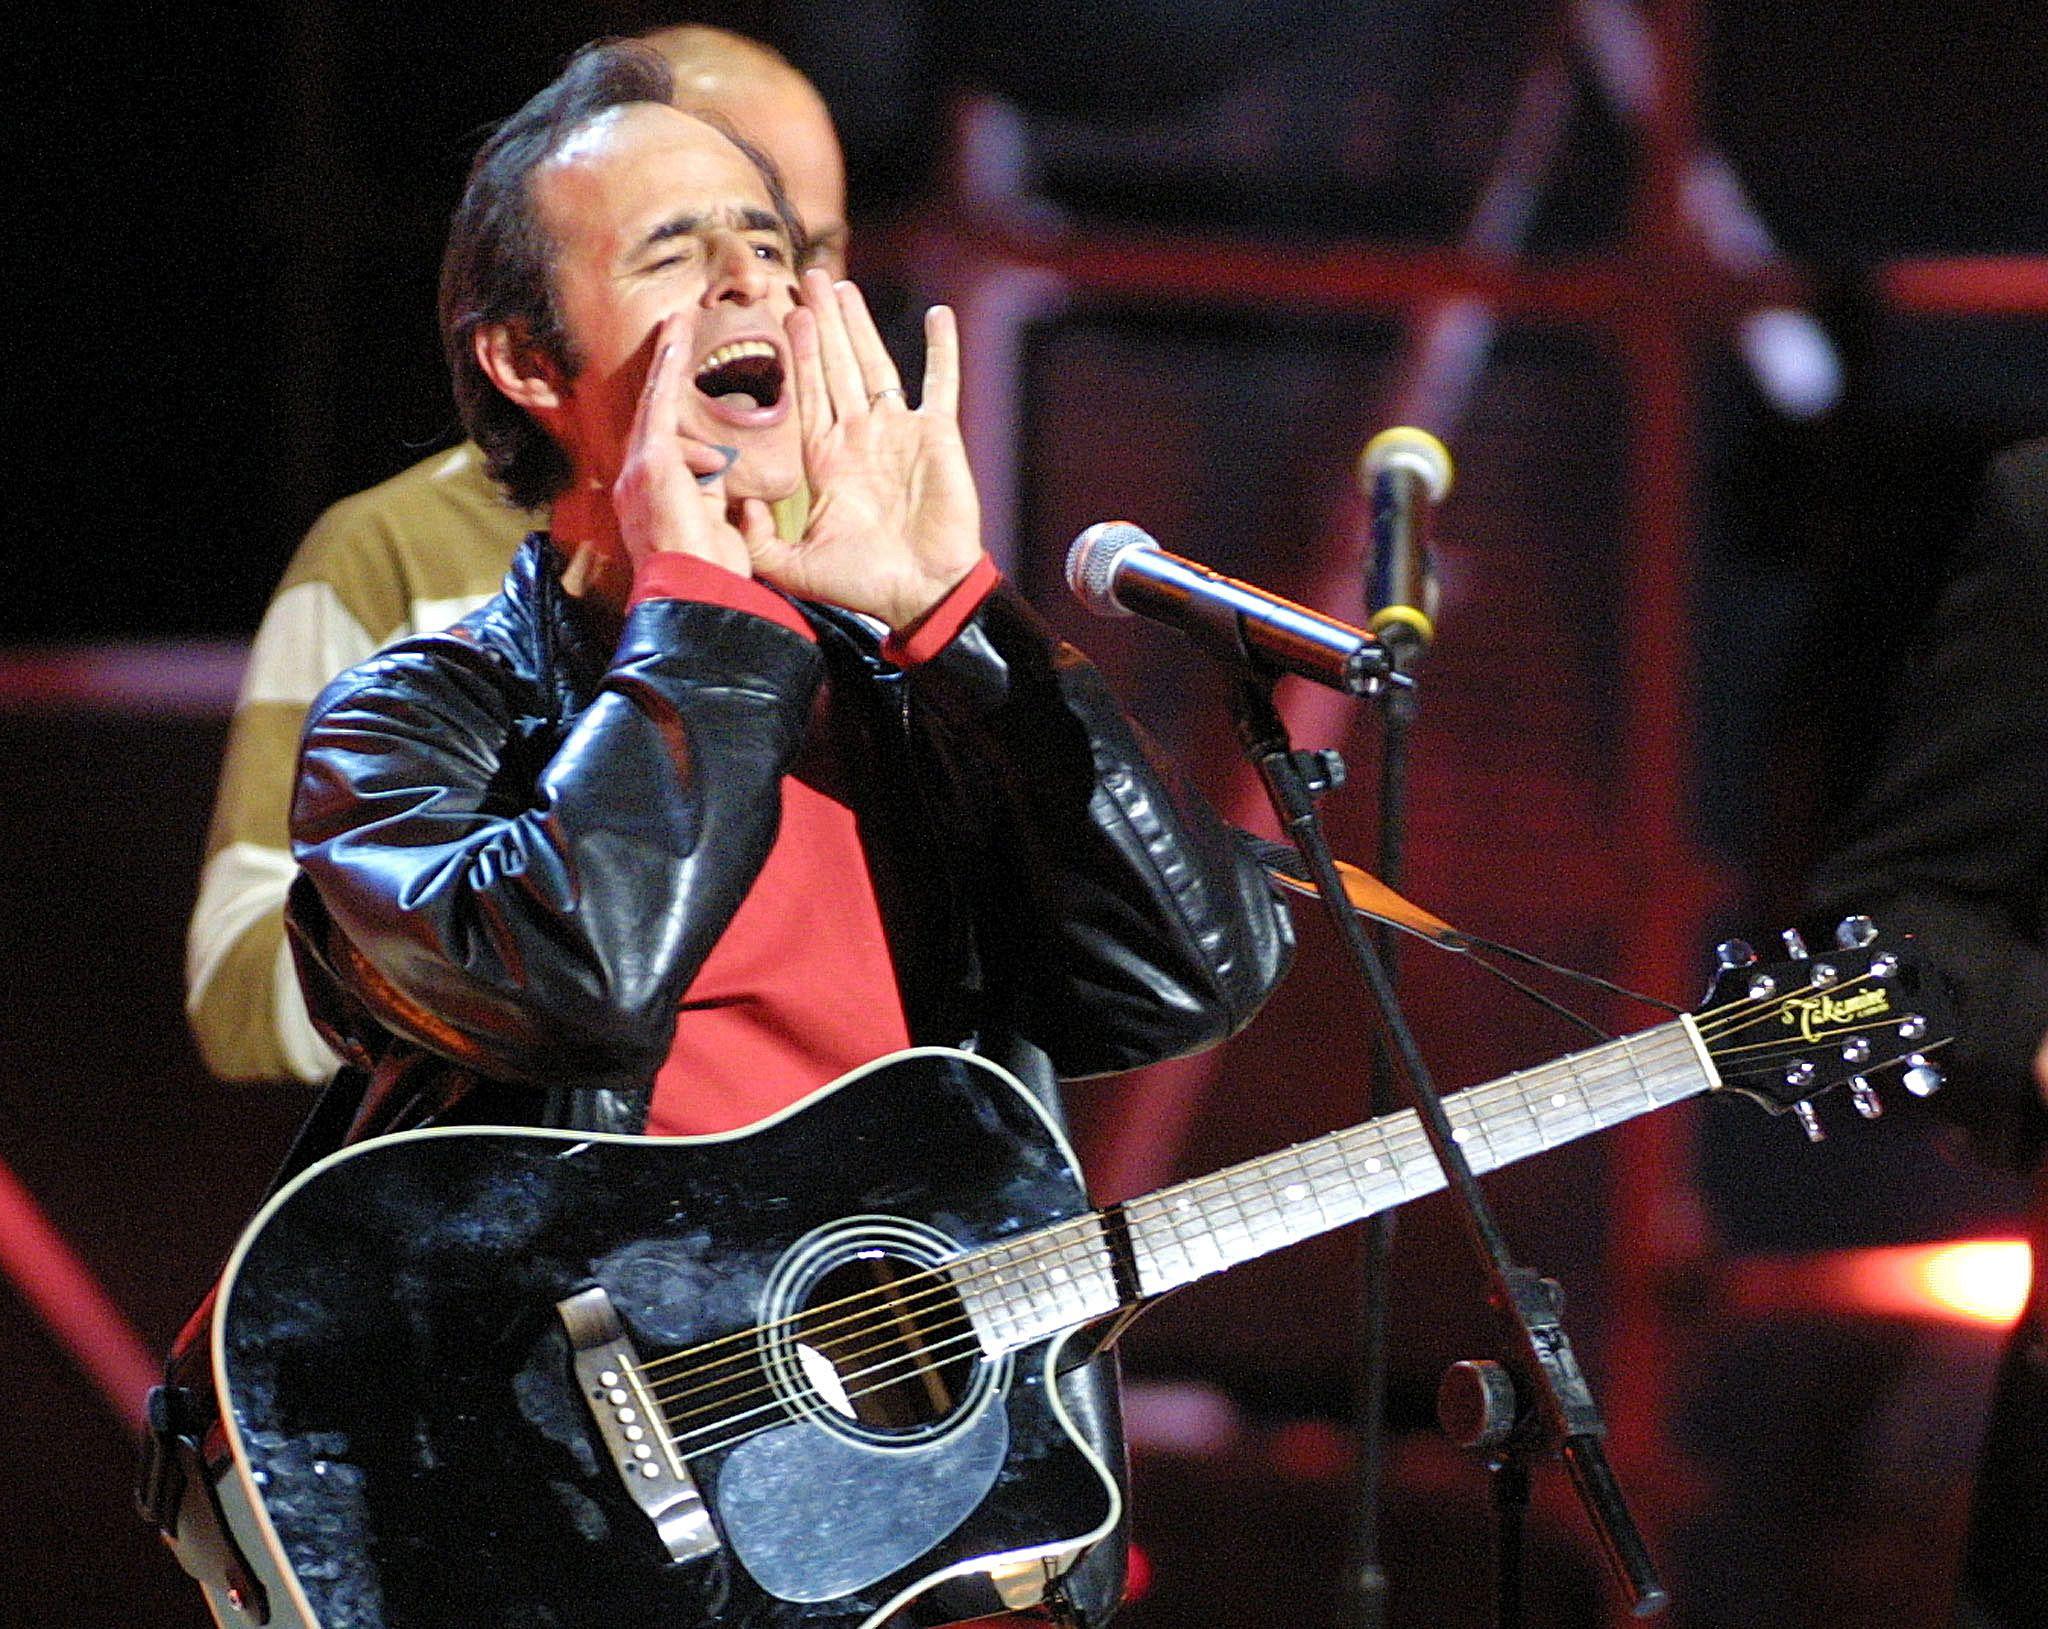 Le chanteur Jean-Jacques Goldman a été désigné personnalité préférée des Français.